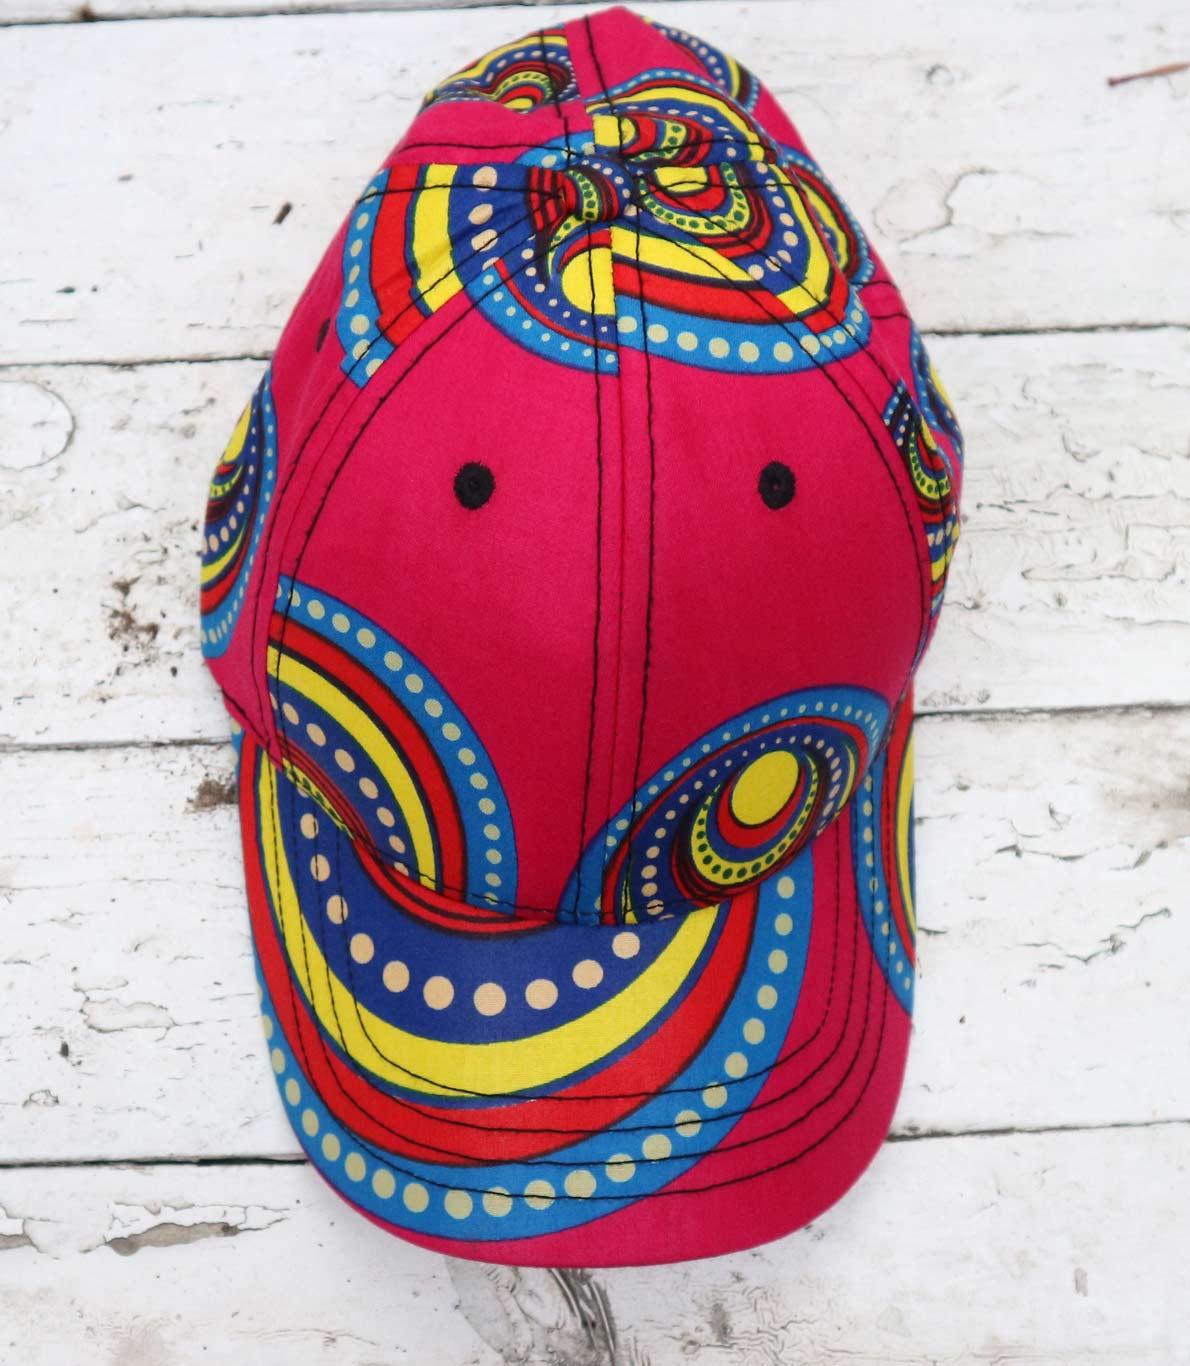 Chapéu vermelho com pormenores em tons de azul, amarelo e branco.